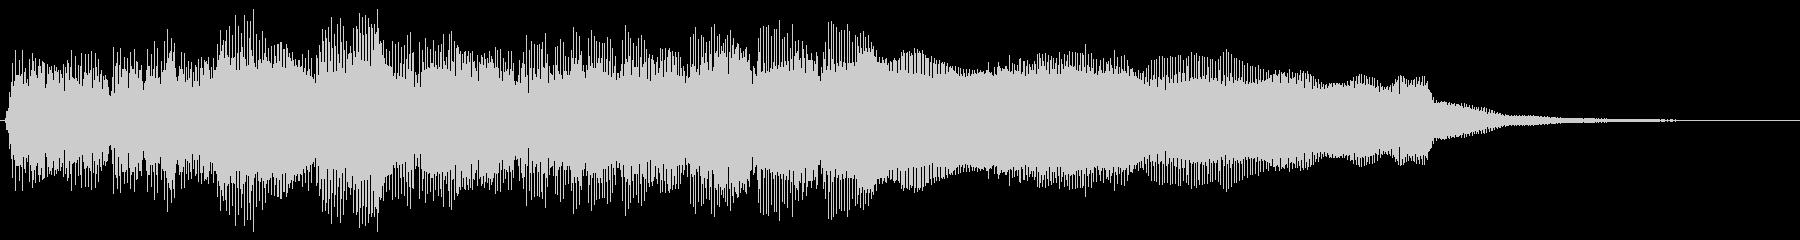 幻想的で勇壮なファンファーレ クリアの未再生の波形